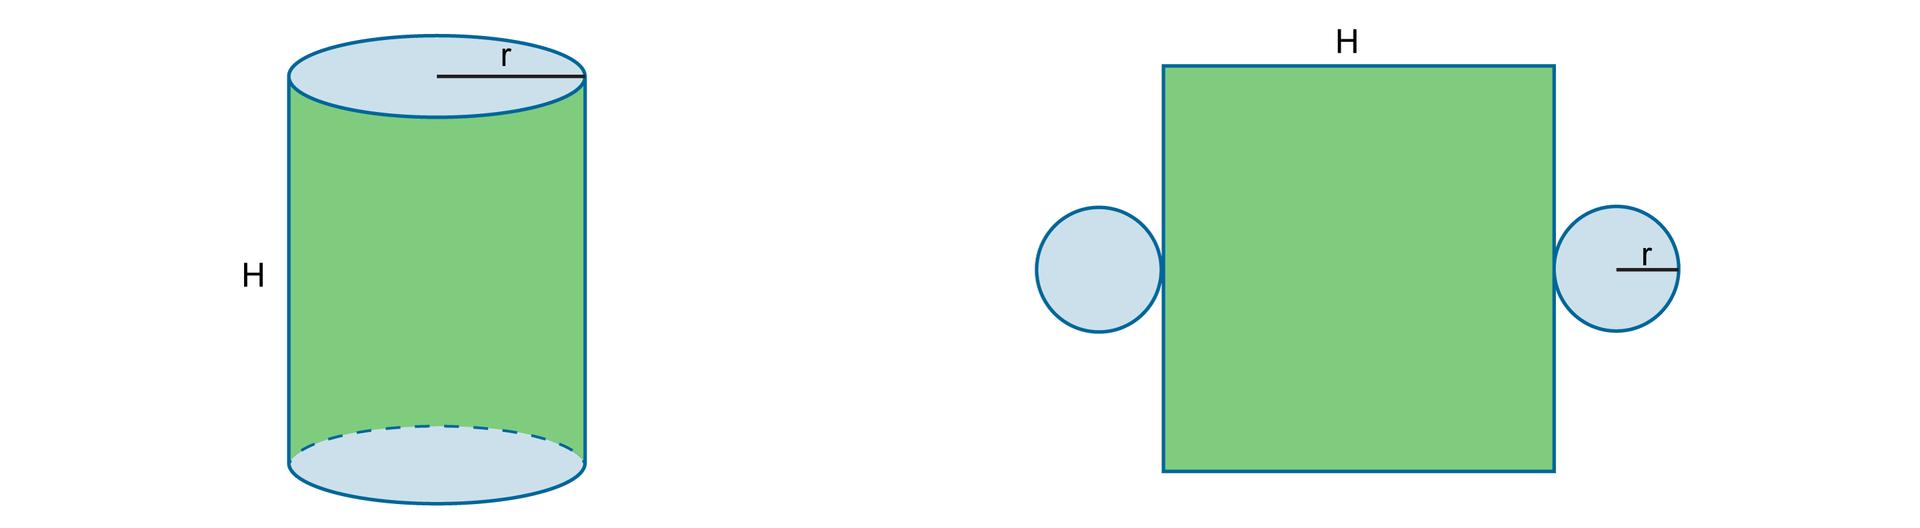 Rysunek walca ijego siatki owysokości równej Hipromieniu równym r.